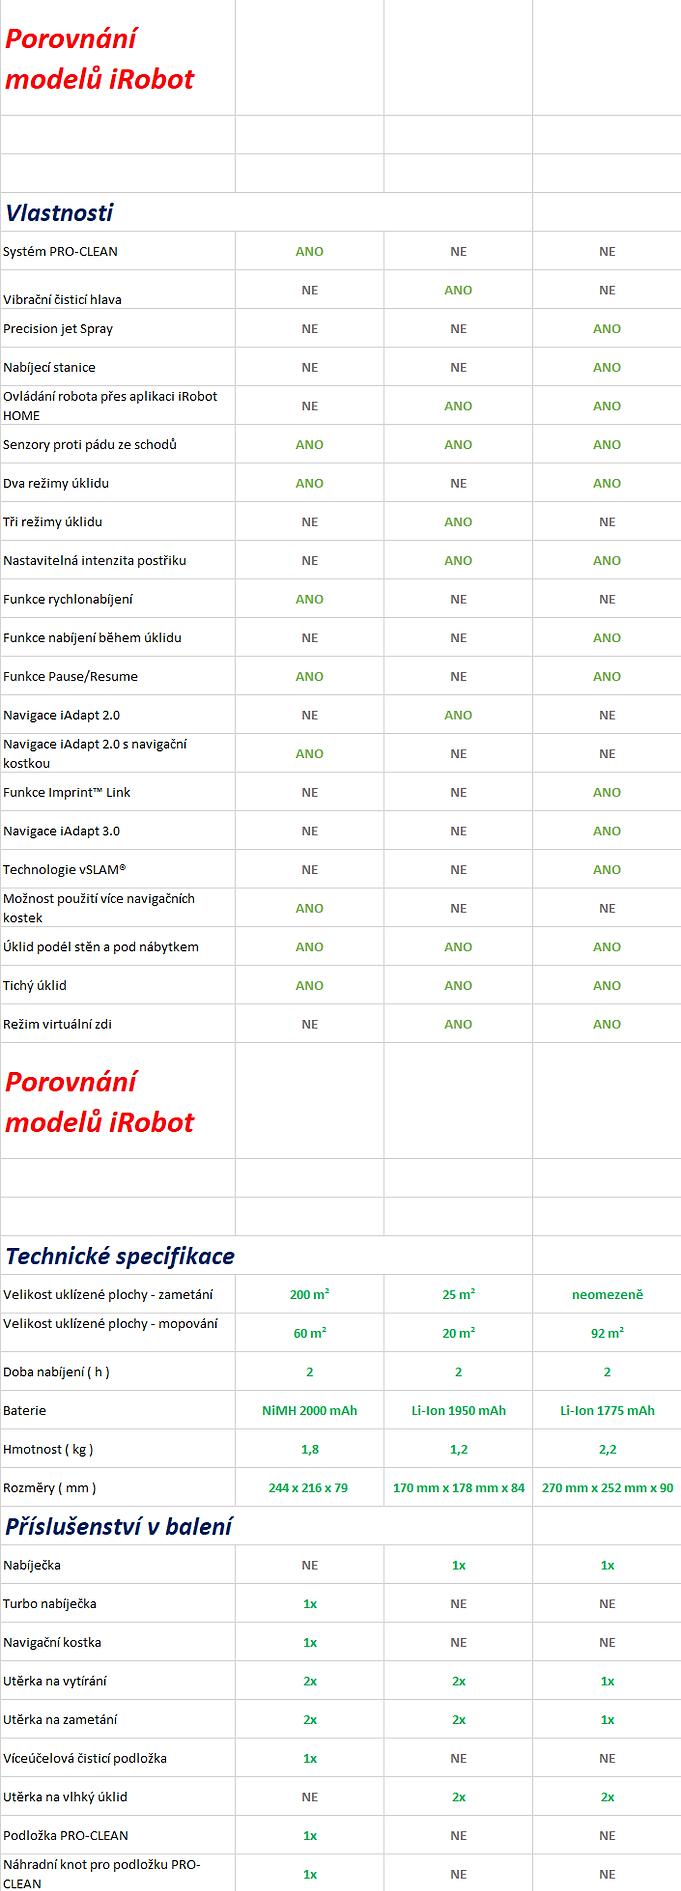 Porovnání modelů Braava.png